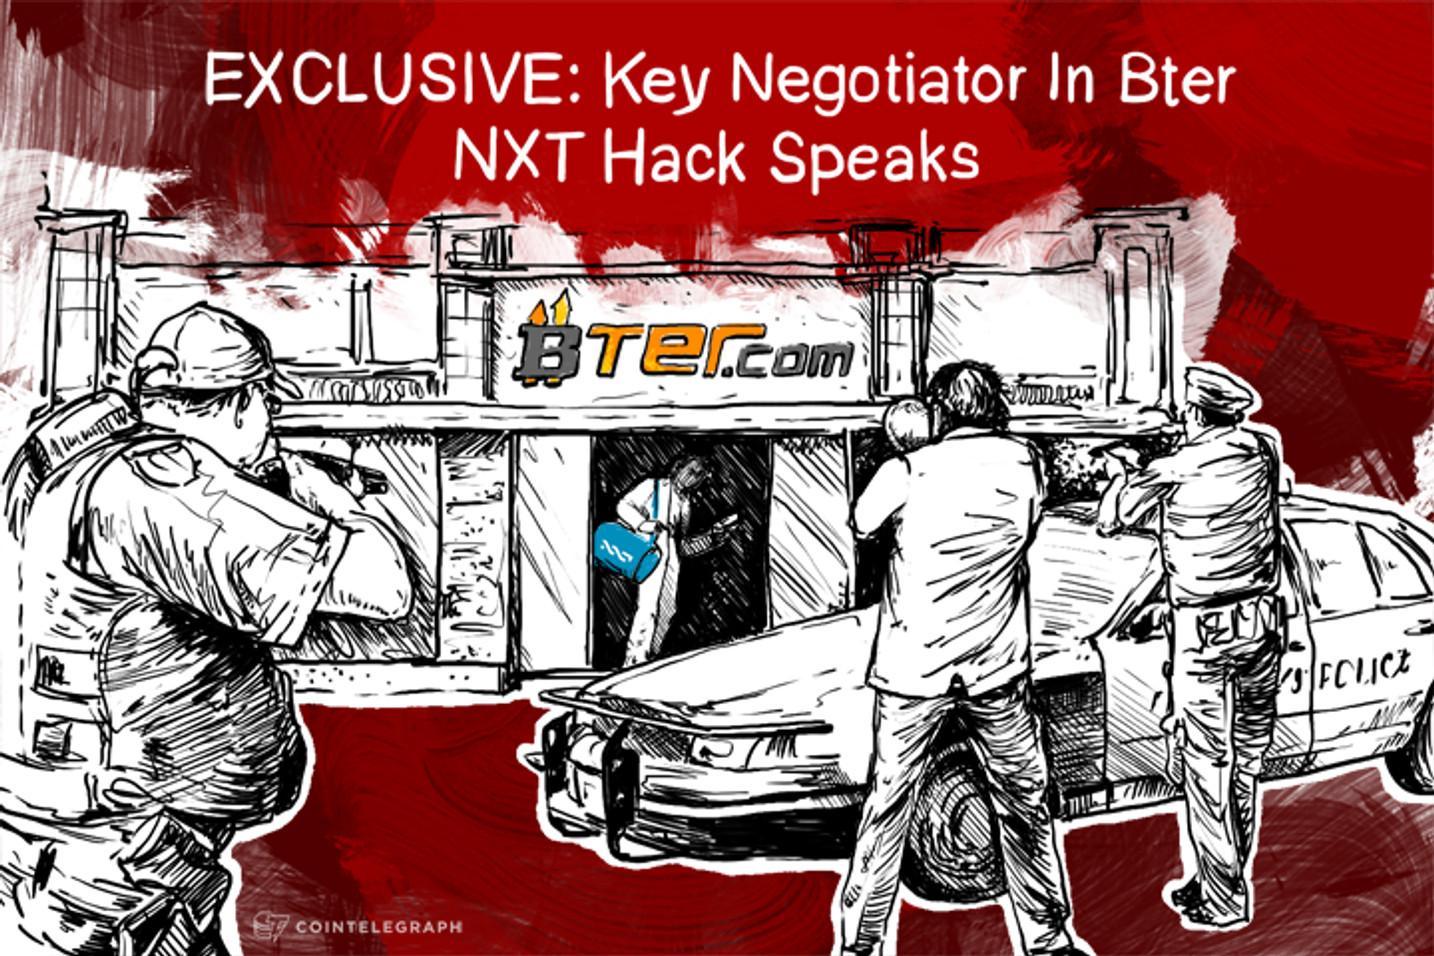 EXCLUSIVE: Key Negotiator In Bter NXT Hack Speaks